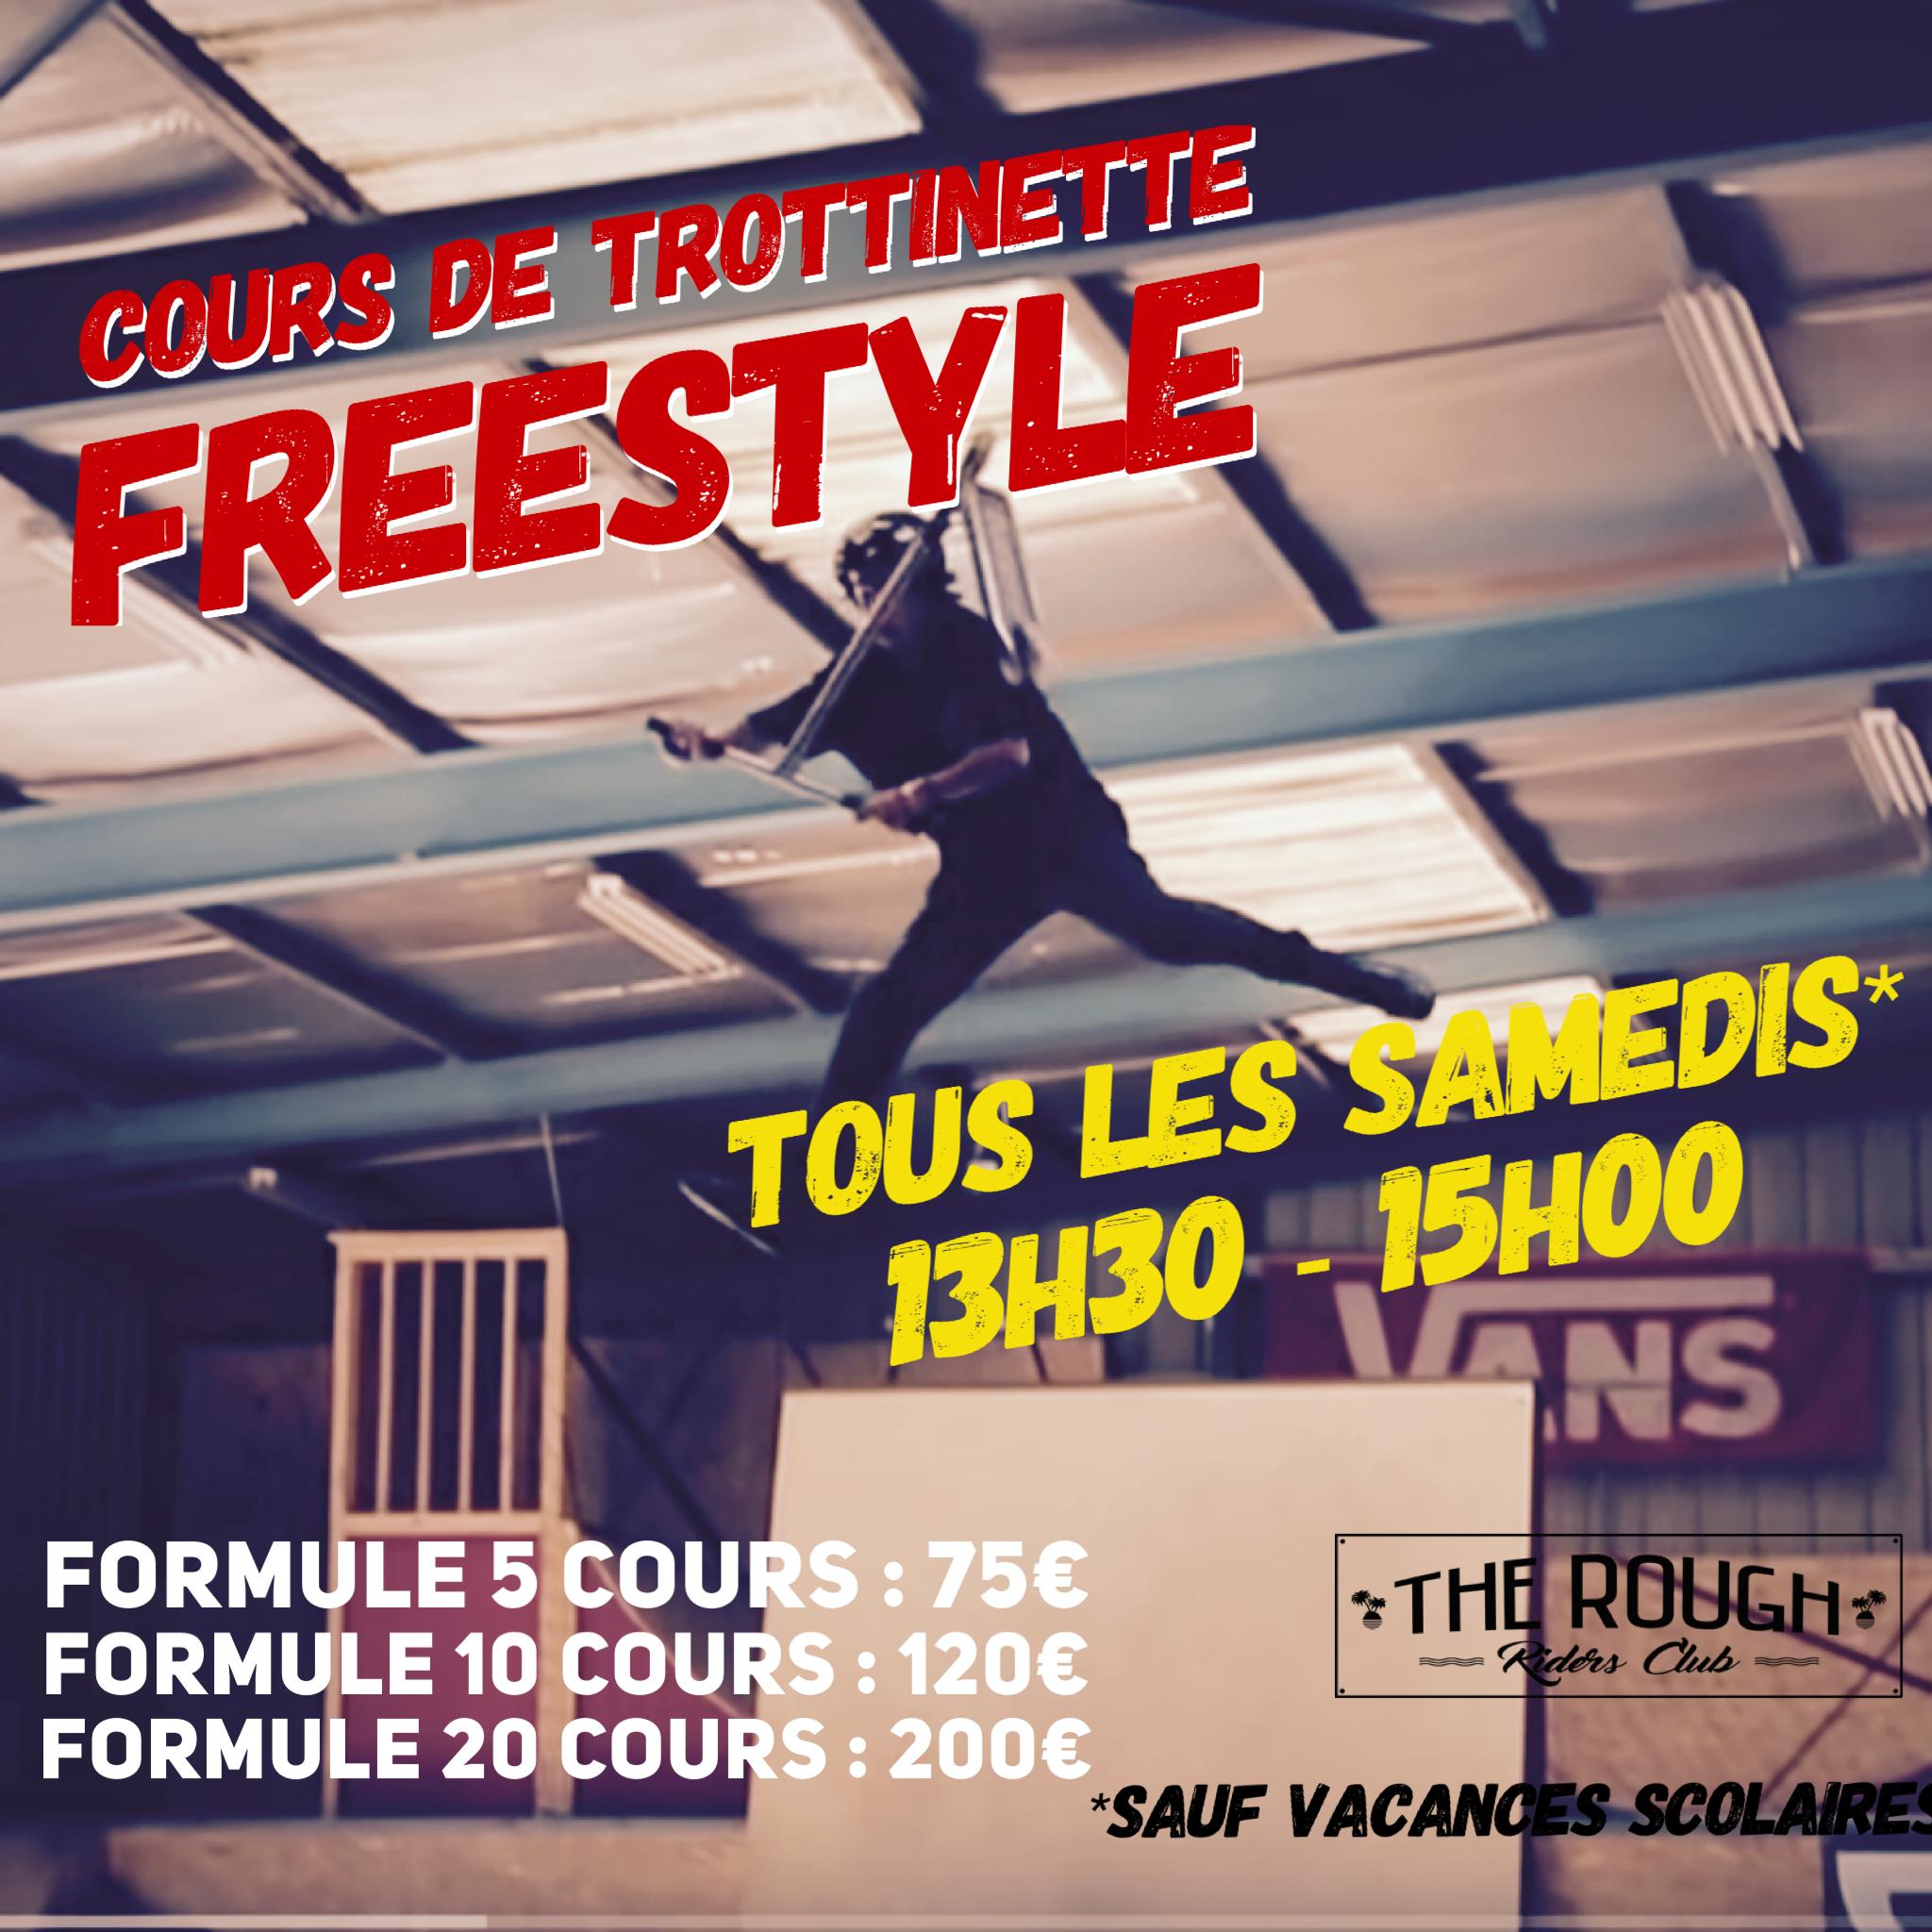 Cours de Trottinette Freestyle